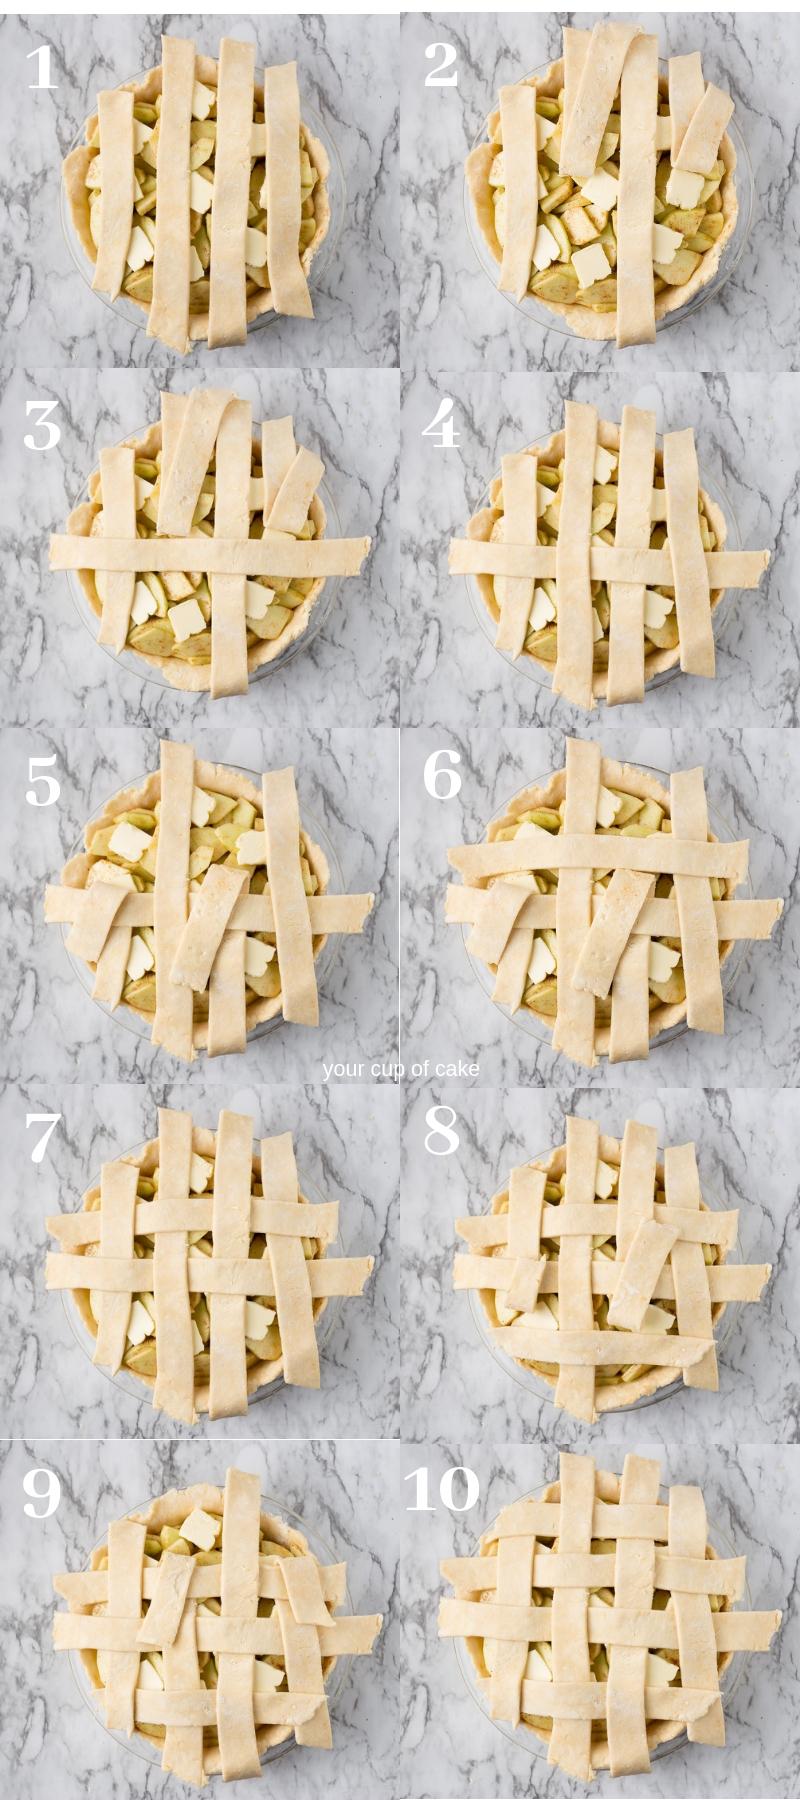 How to Lattice a Pie